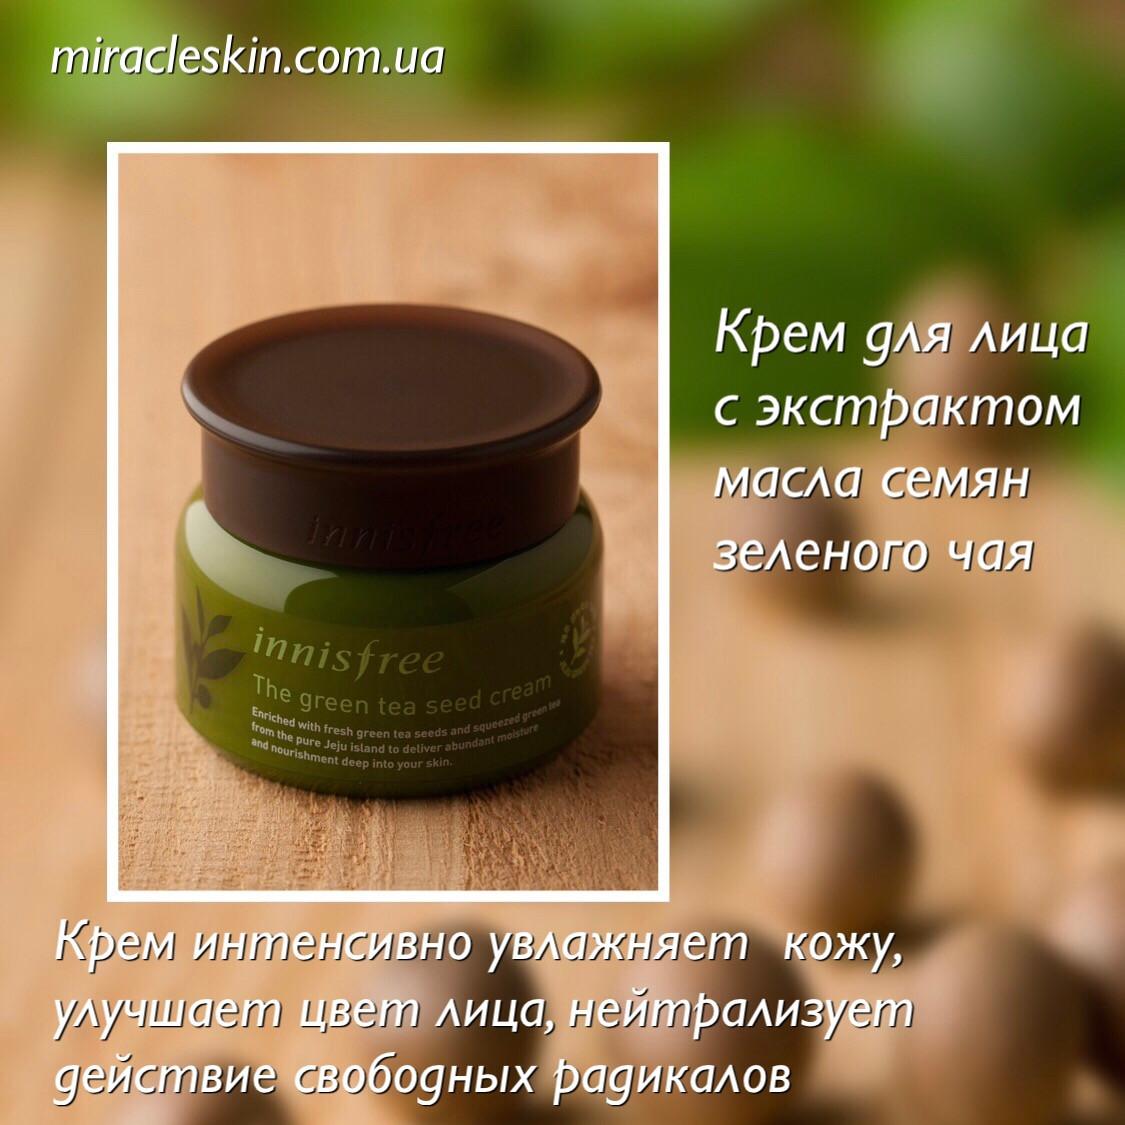 The green tea seed cream / Крем для лица с экстрактом масла семян зеленого чая